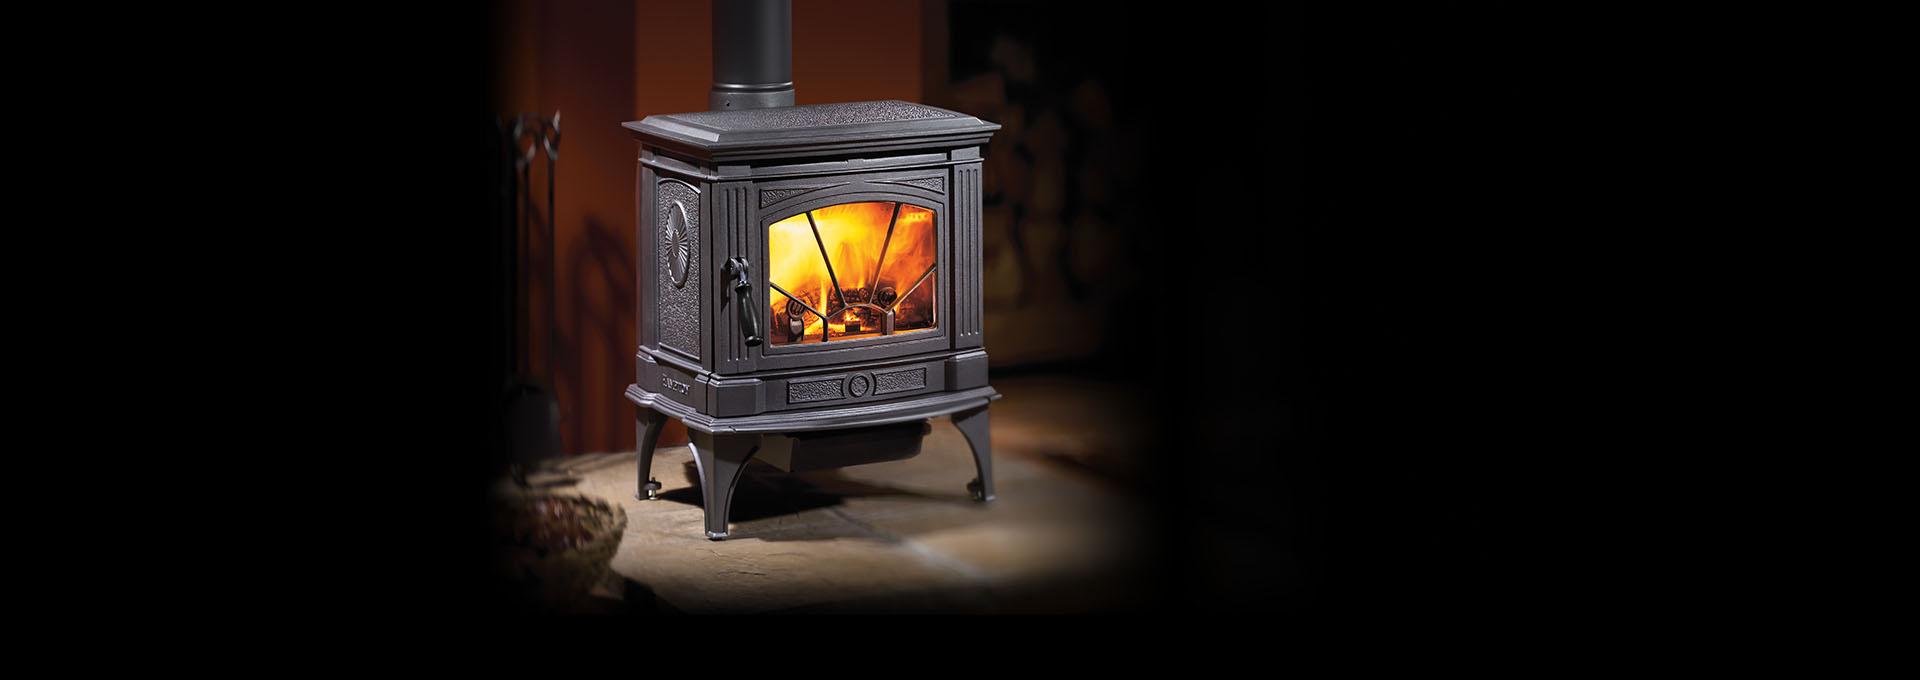 Fireplaces Wood Burning Stoves Wood Fireplaces Hampton